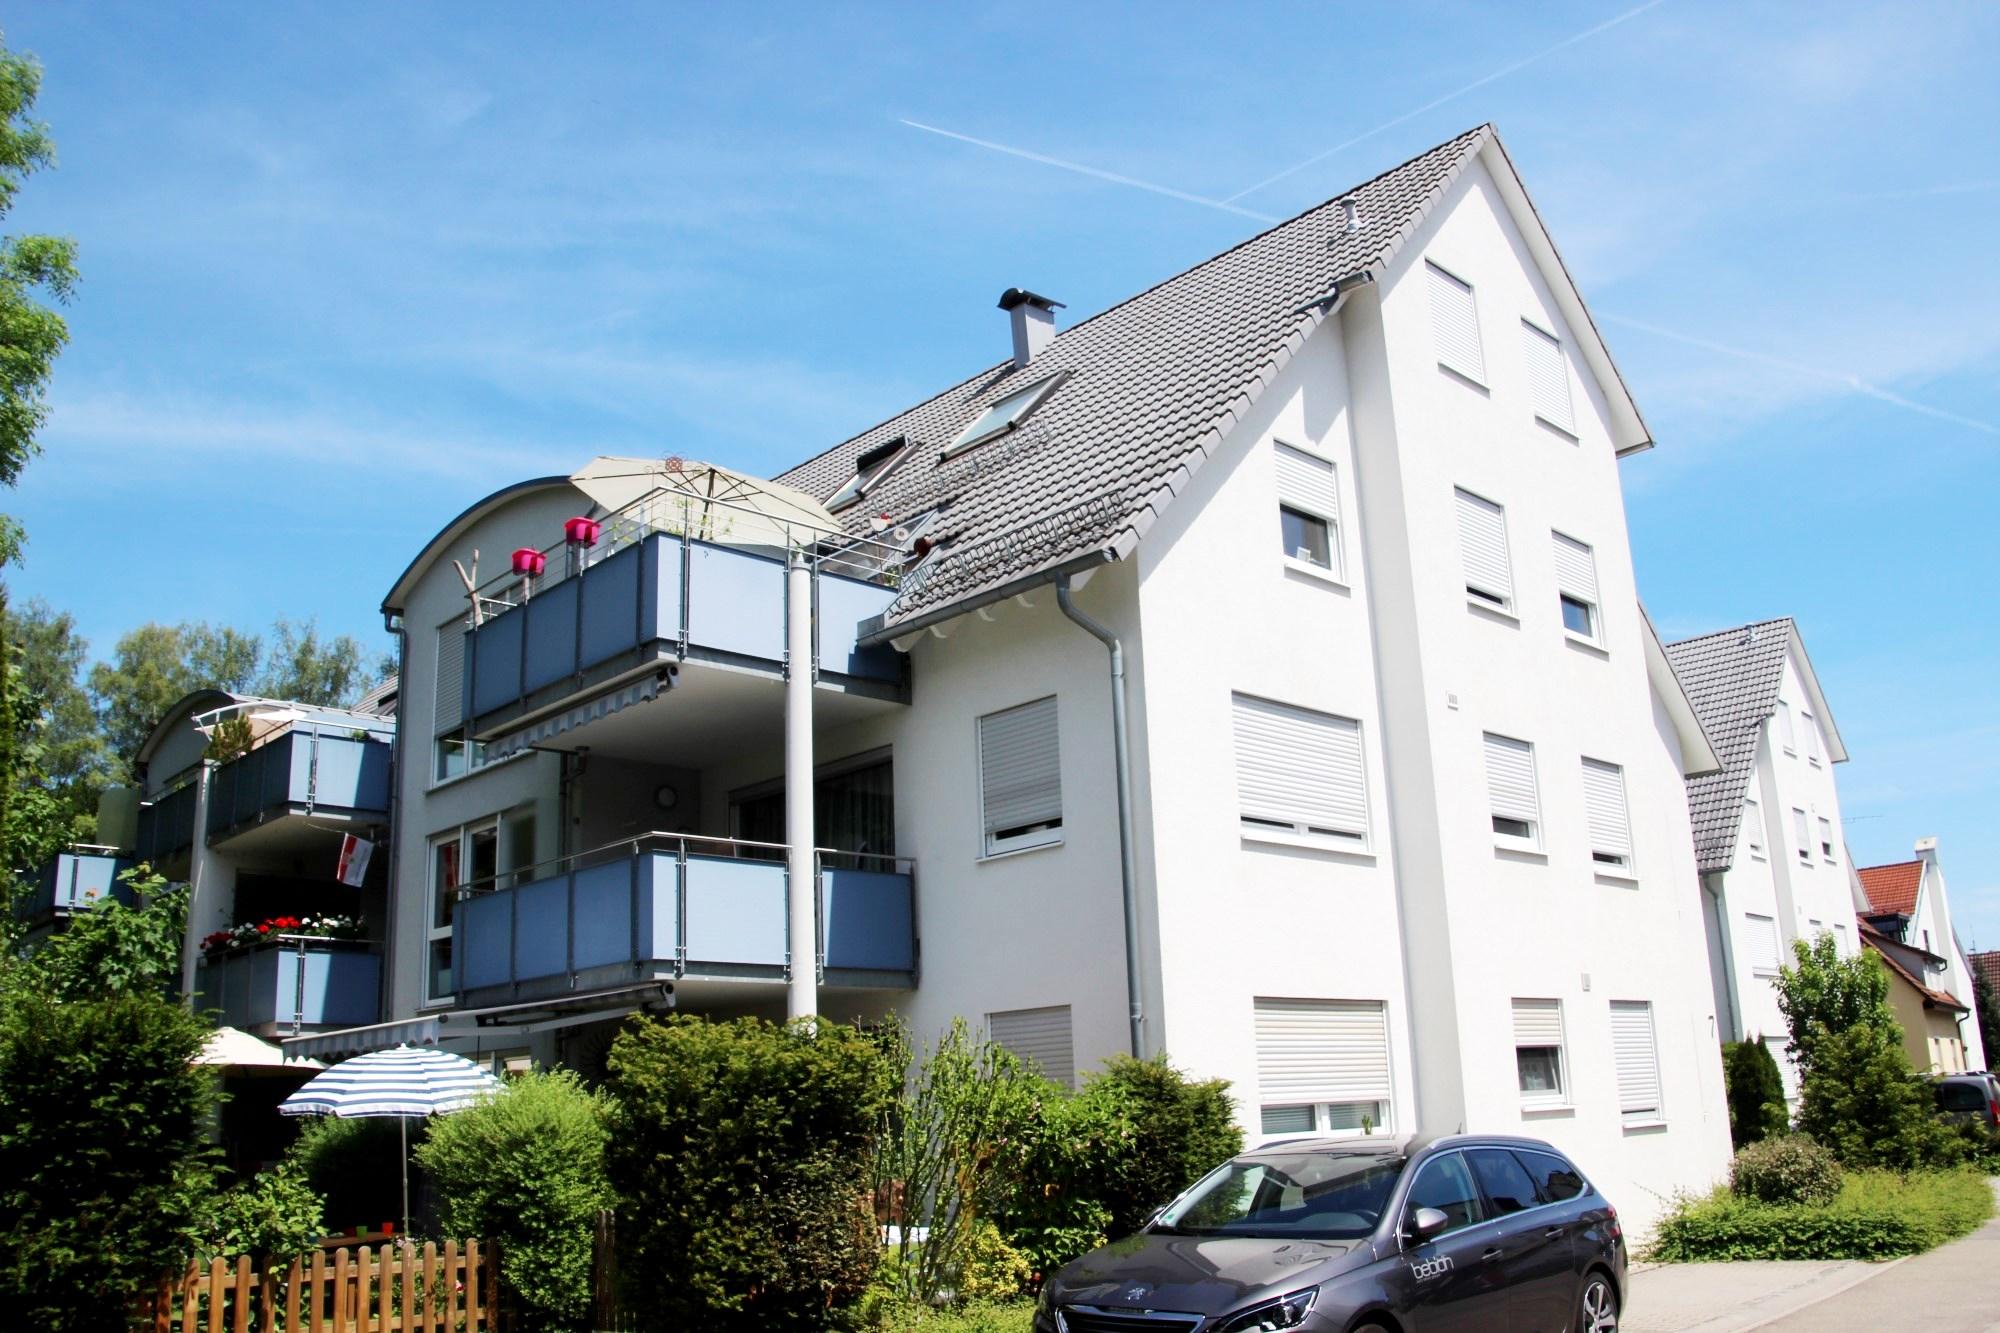 2006 | 1. Bauabschnitt 9-Familienhaus Pfadstraße in Sindelfingen-Maichingen, Architekt Dipl. Ing. U. Gehrer